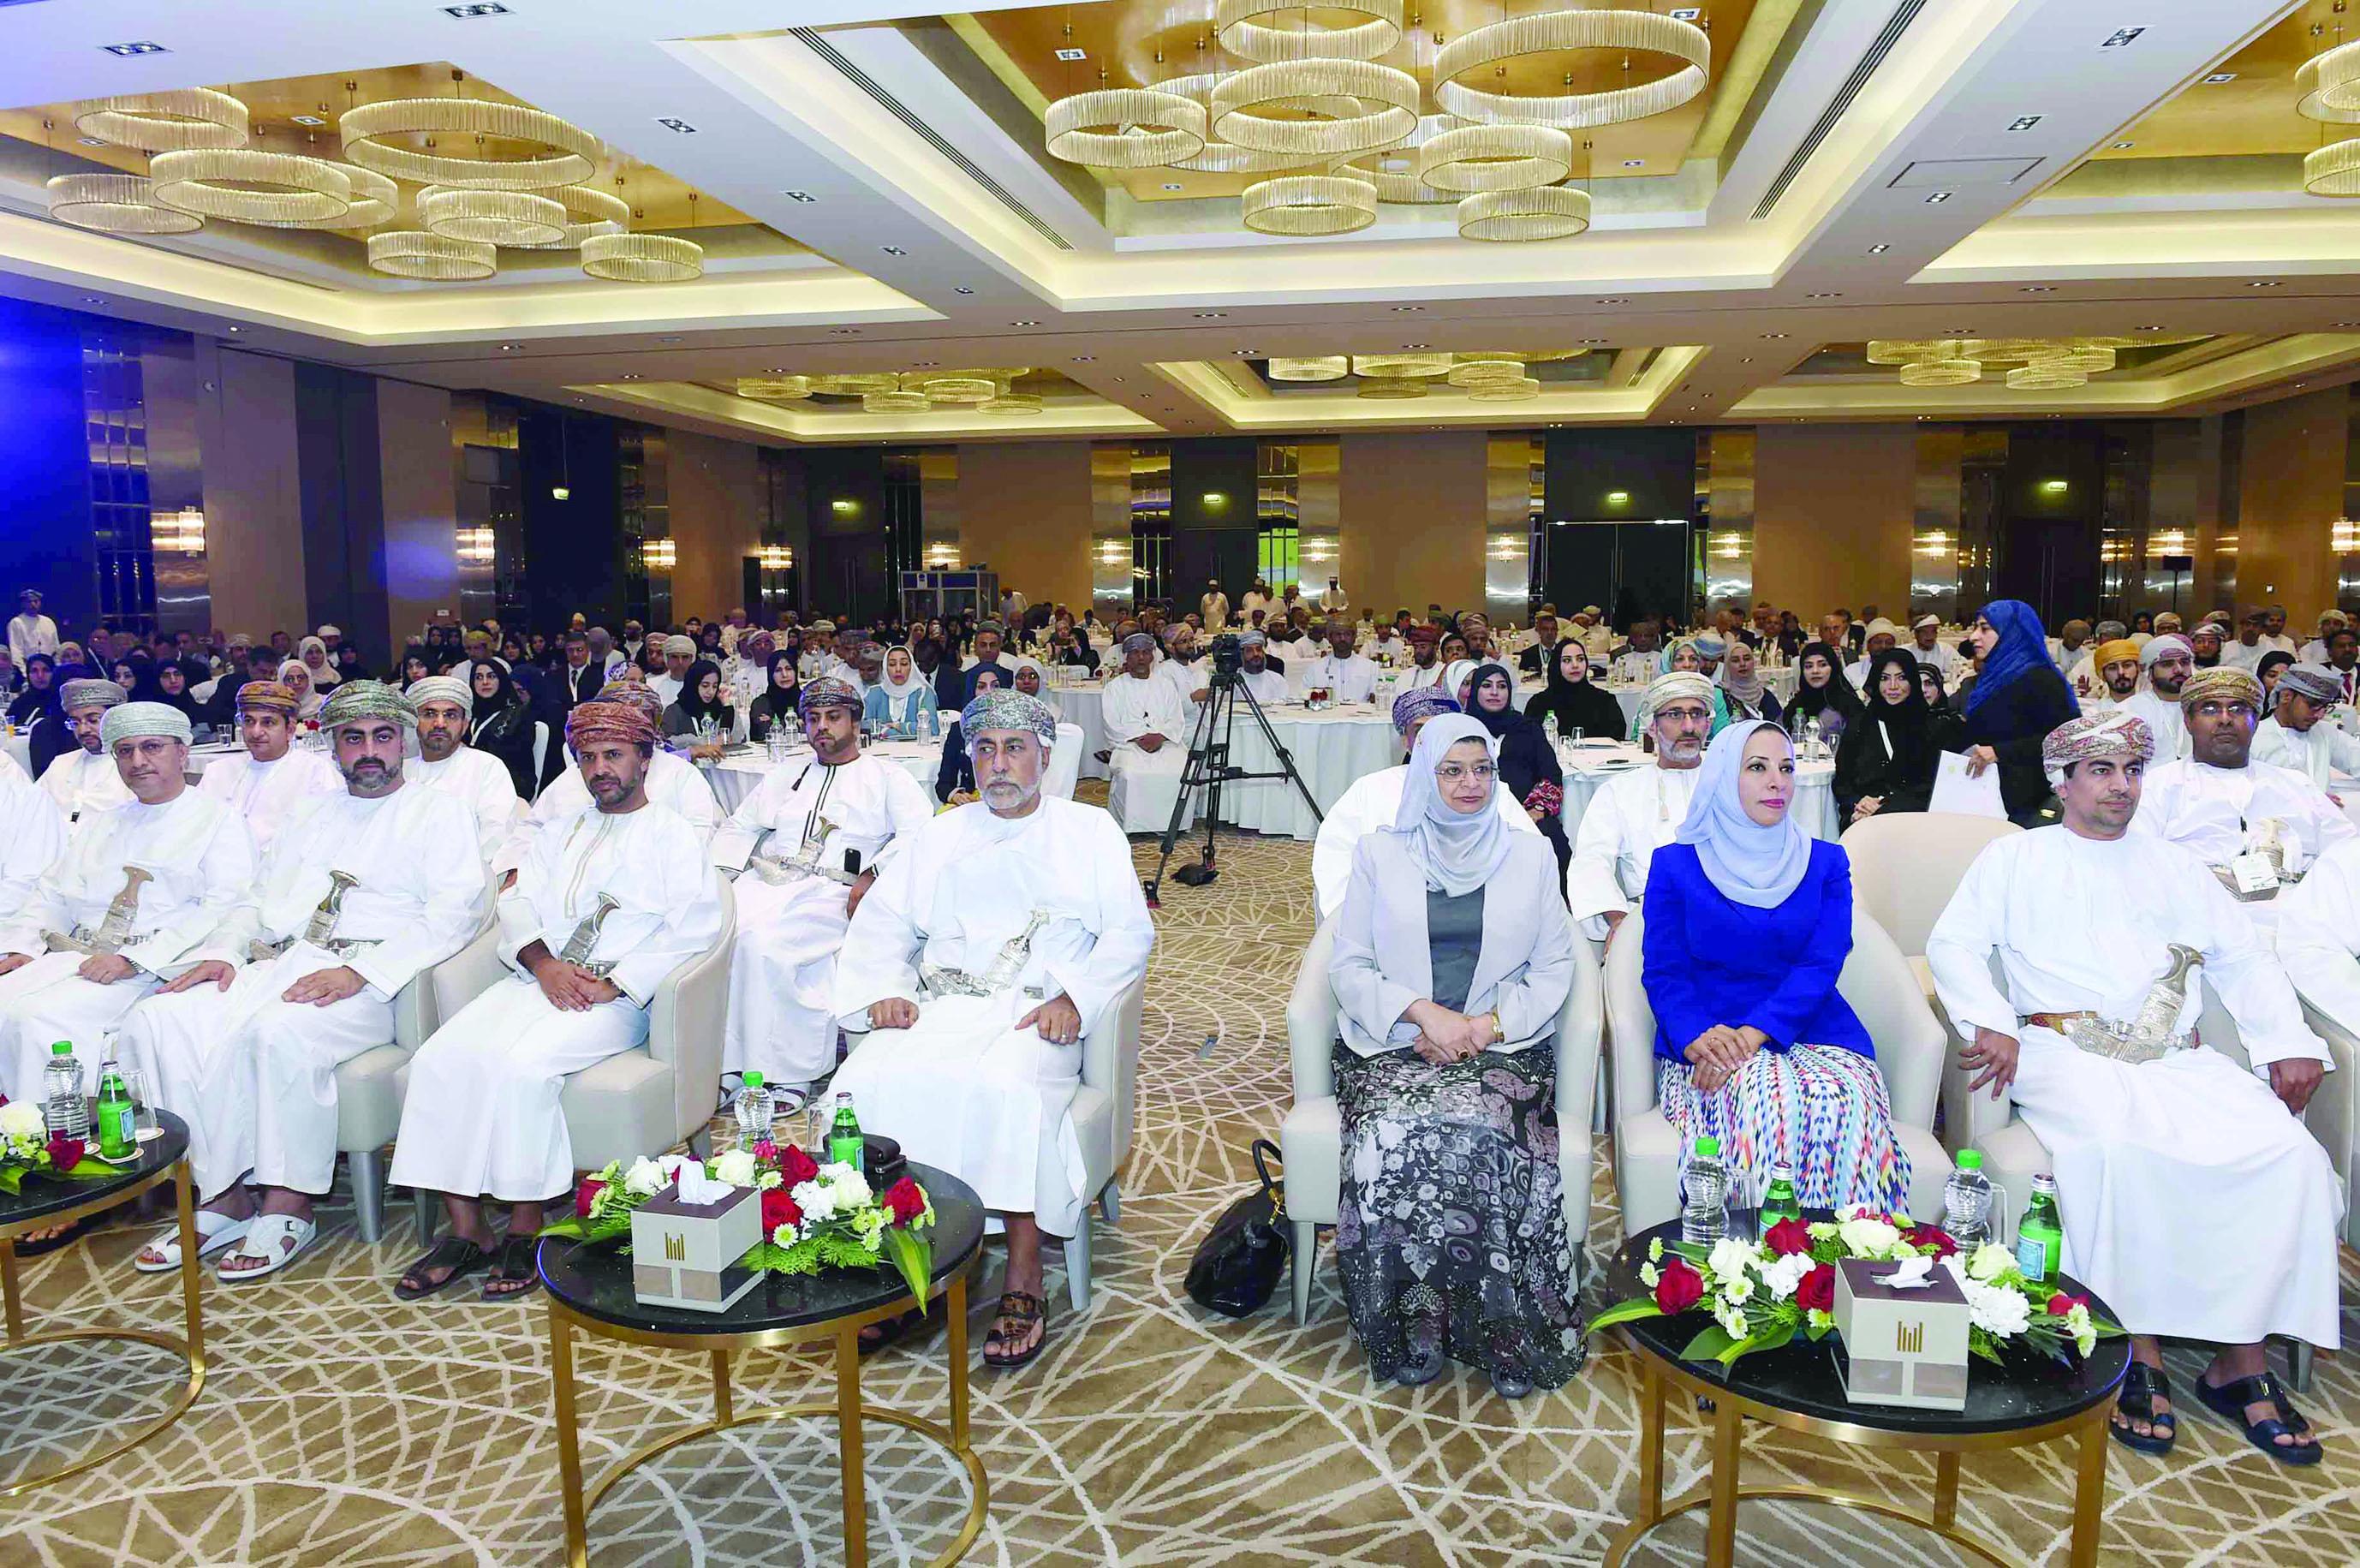 شهاب بن طارق: برامج طويلة المدىلـ«البحث العلمي» ستفعّل بمختلف القطاعات